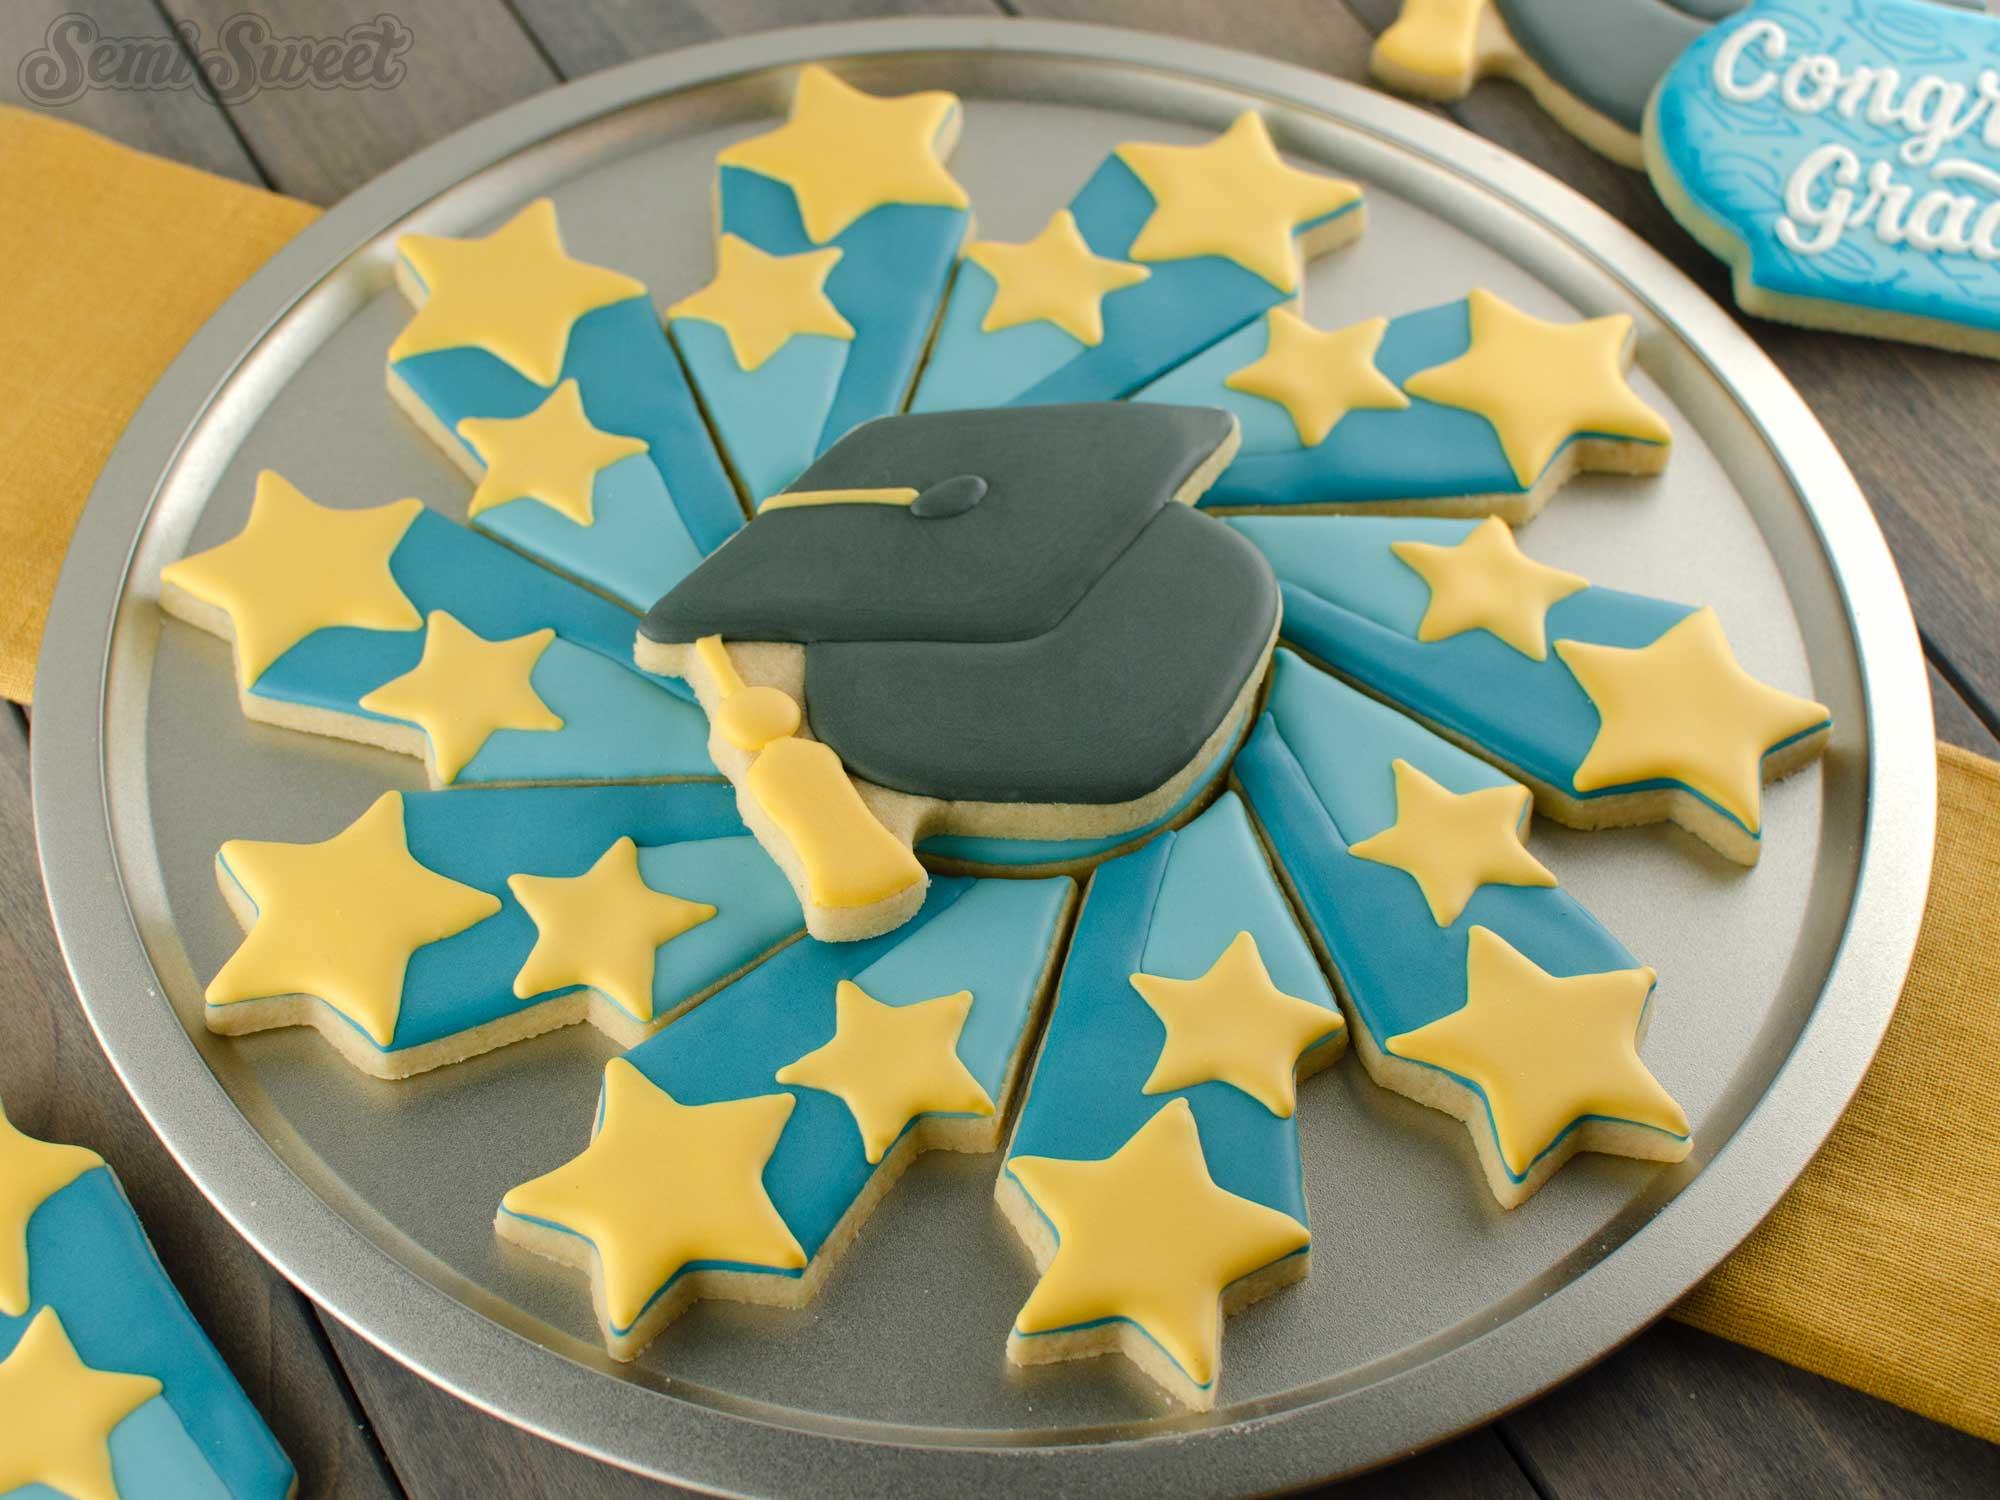 Shooting Stars Cookie Platter | Semi Sweet Designs